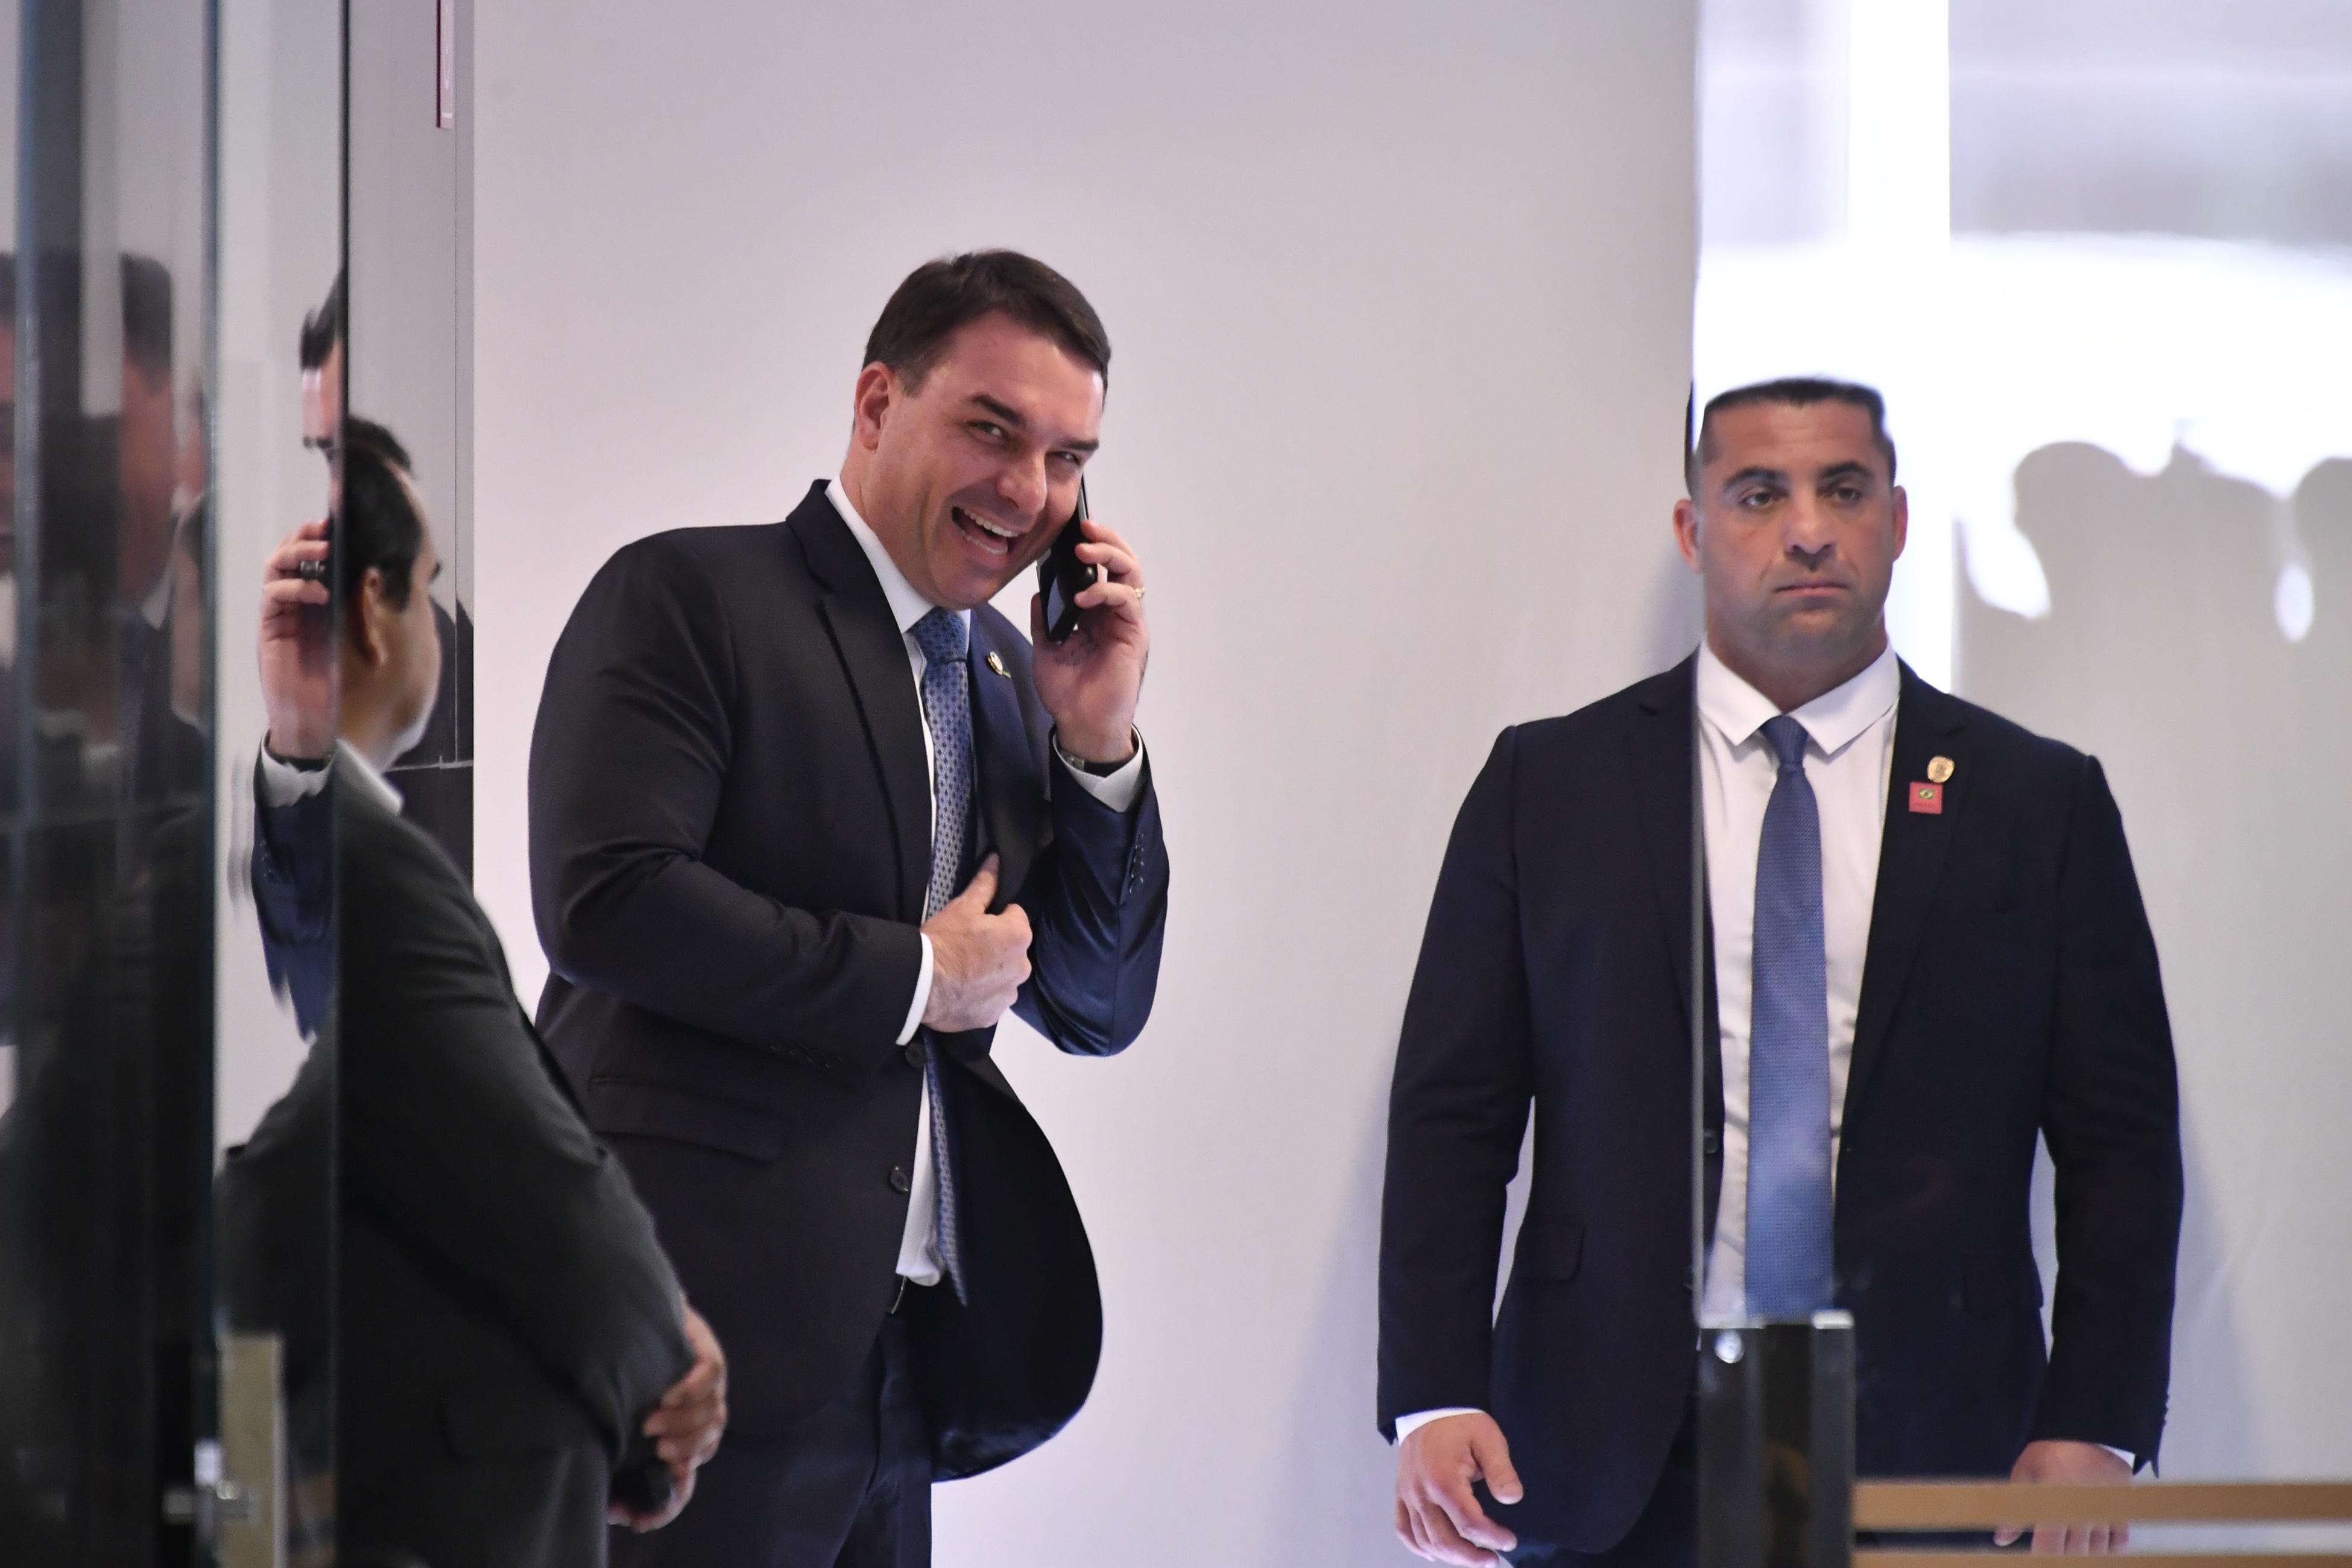 Na última terça-feira, 16, o senador Flavio Bolsonaro acompanhou a cerimônia de apresentação de Gustavo Montezano como novo presidente do BNDES.